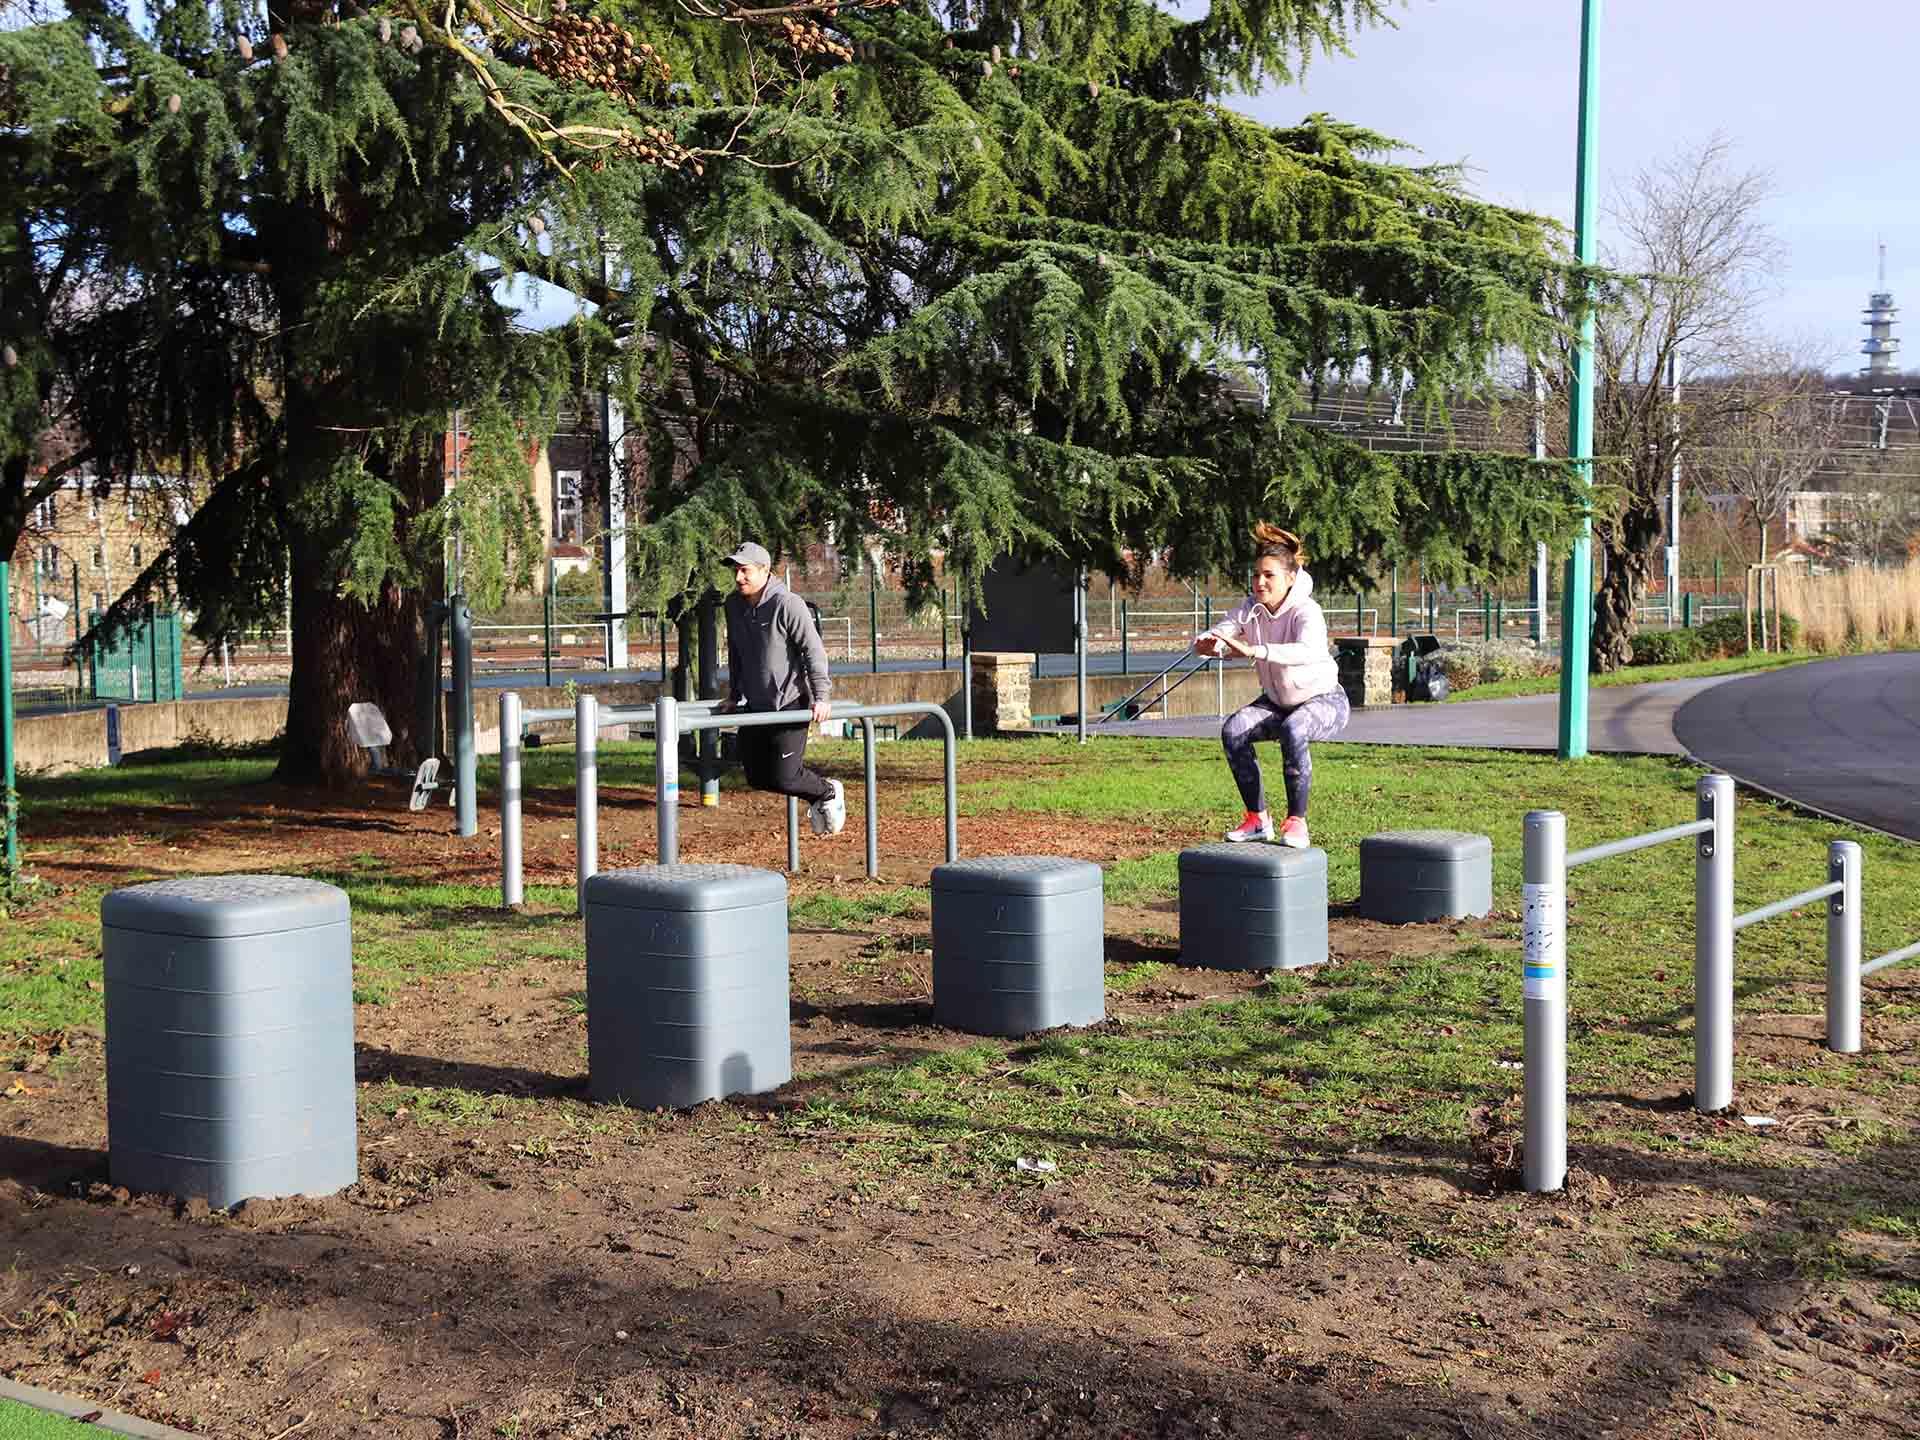 Photo des équipements sportifs en plein air au Stade Jean Jaurès de Chaville